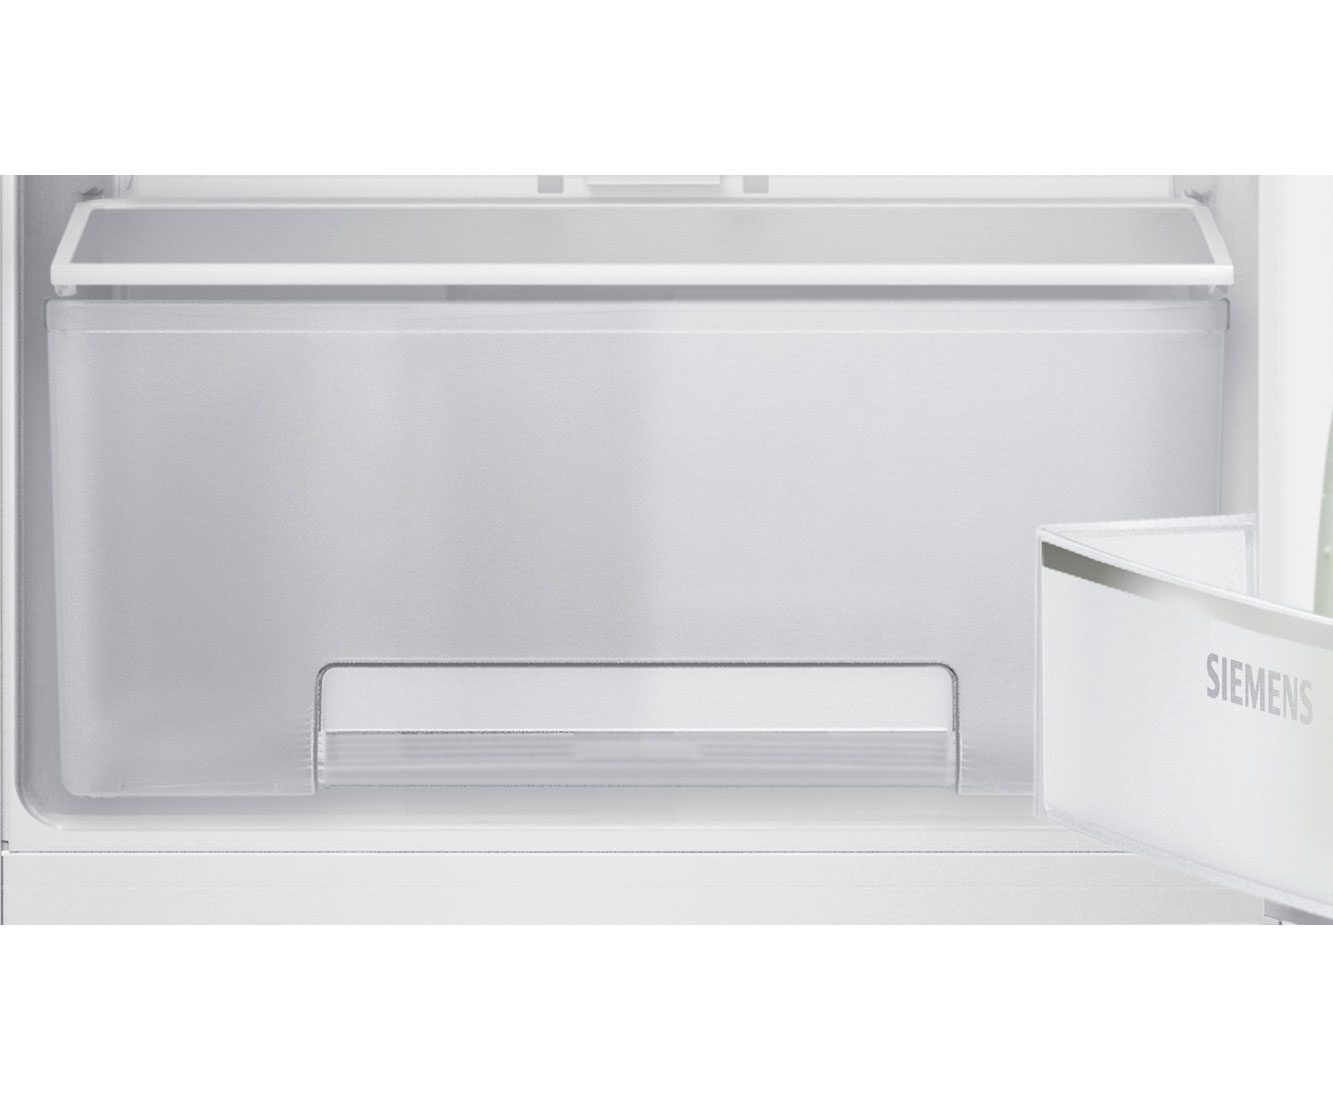 Siemens Kühlschrank Ablagefach : Siemens iq ki rv einbau kühlschrank er nische festtür